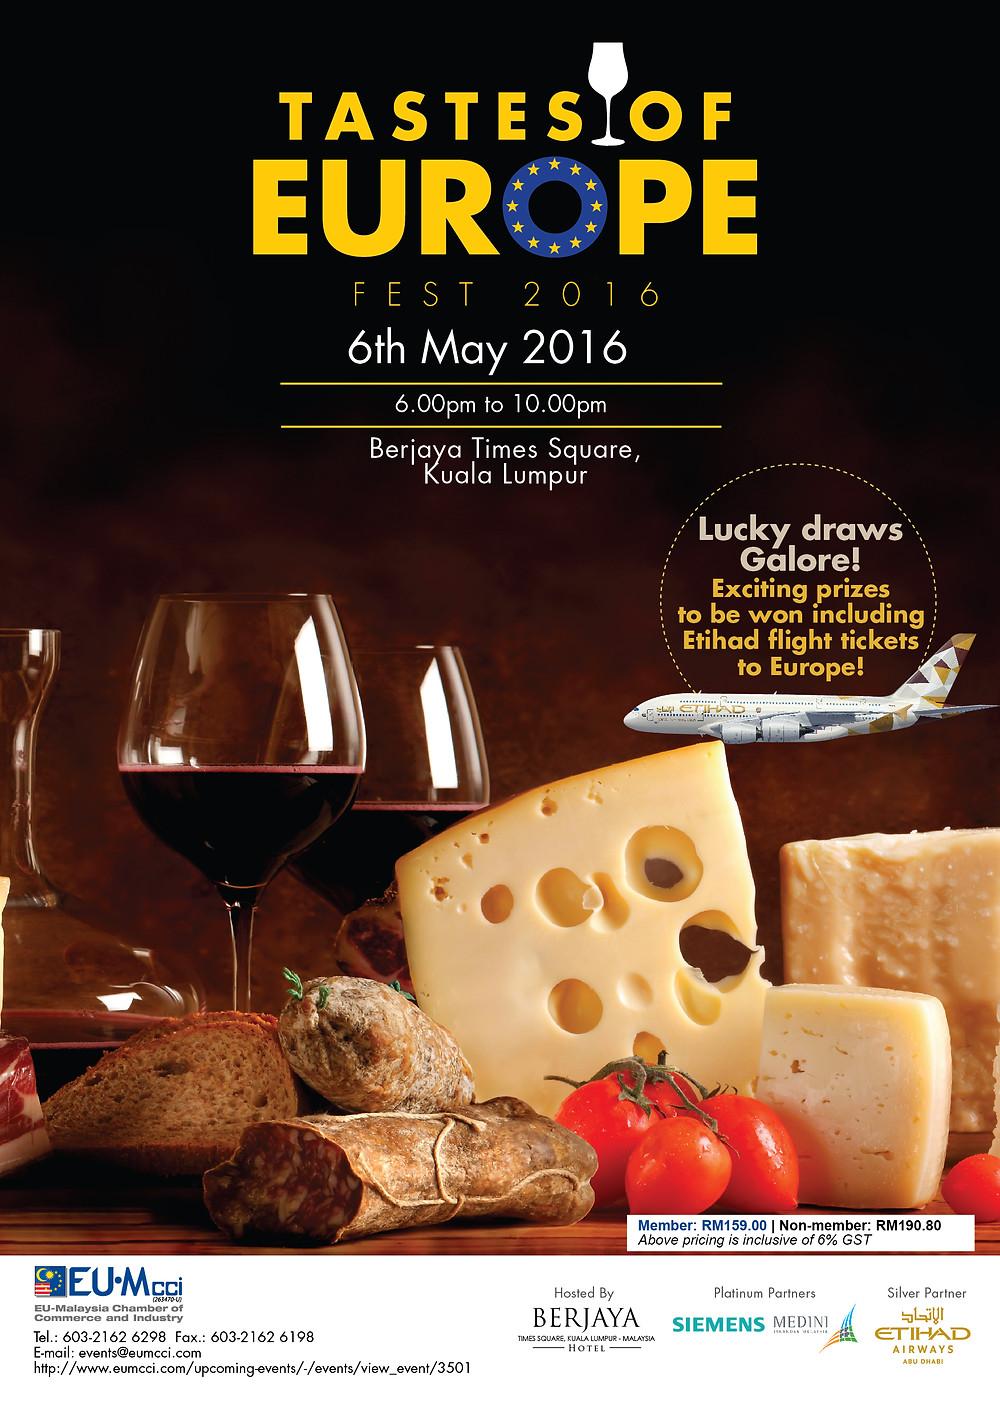 Tastes of Europe Fest - flyer